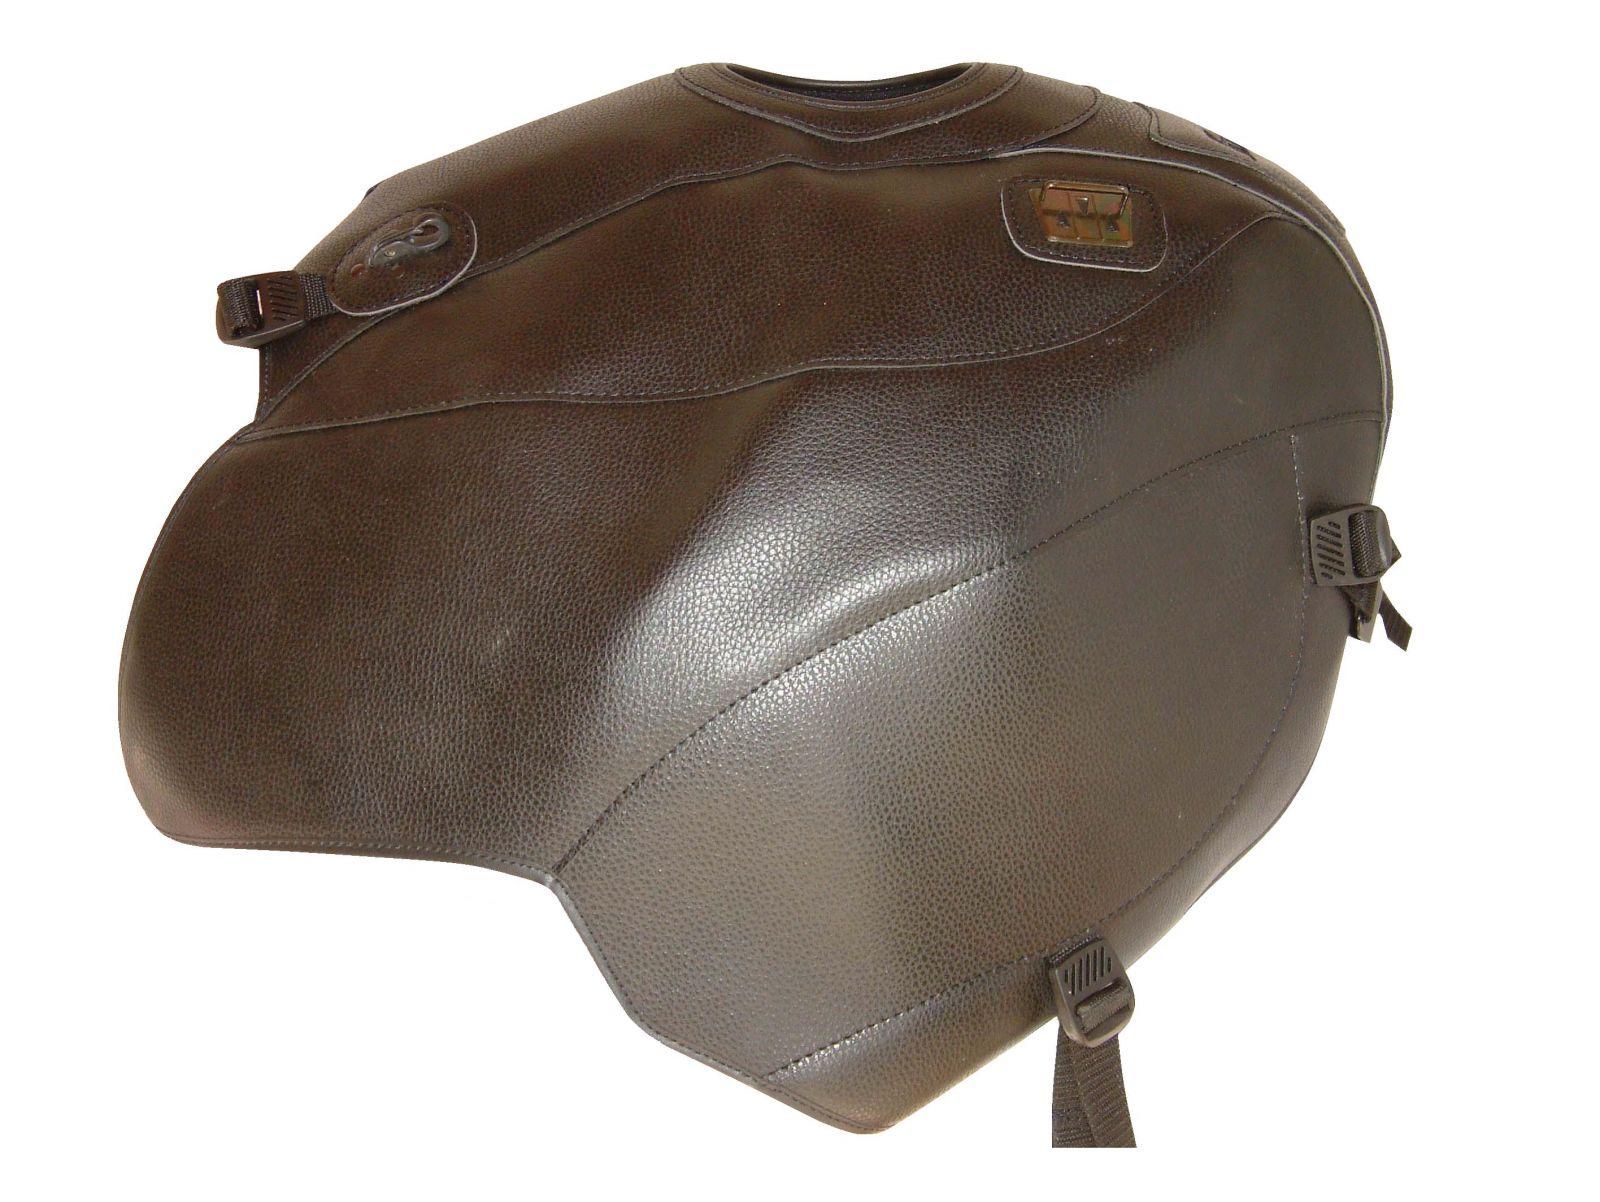 Capa de depósito TPR5315 - APRILIA CAPONORD ETV 1000 [2001-2005]